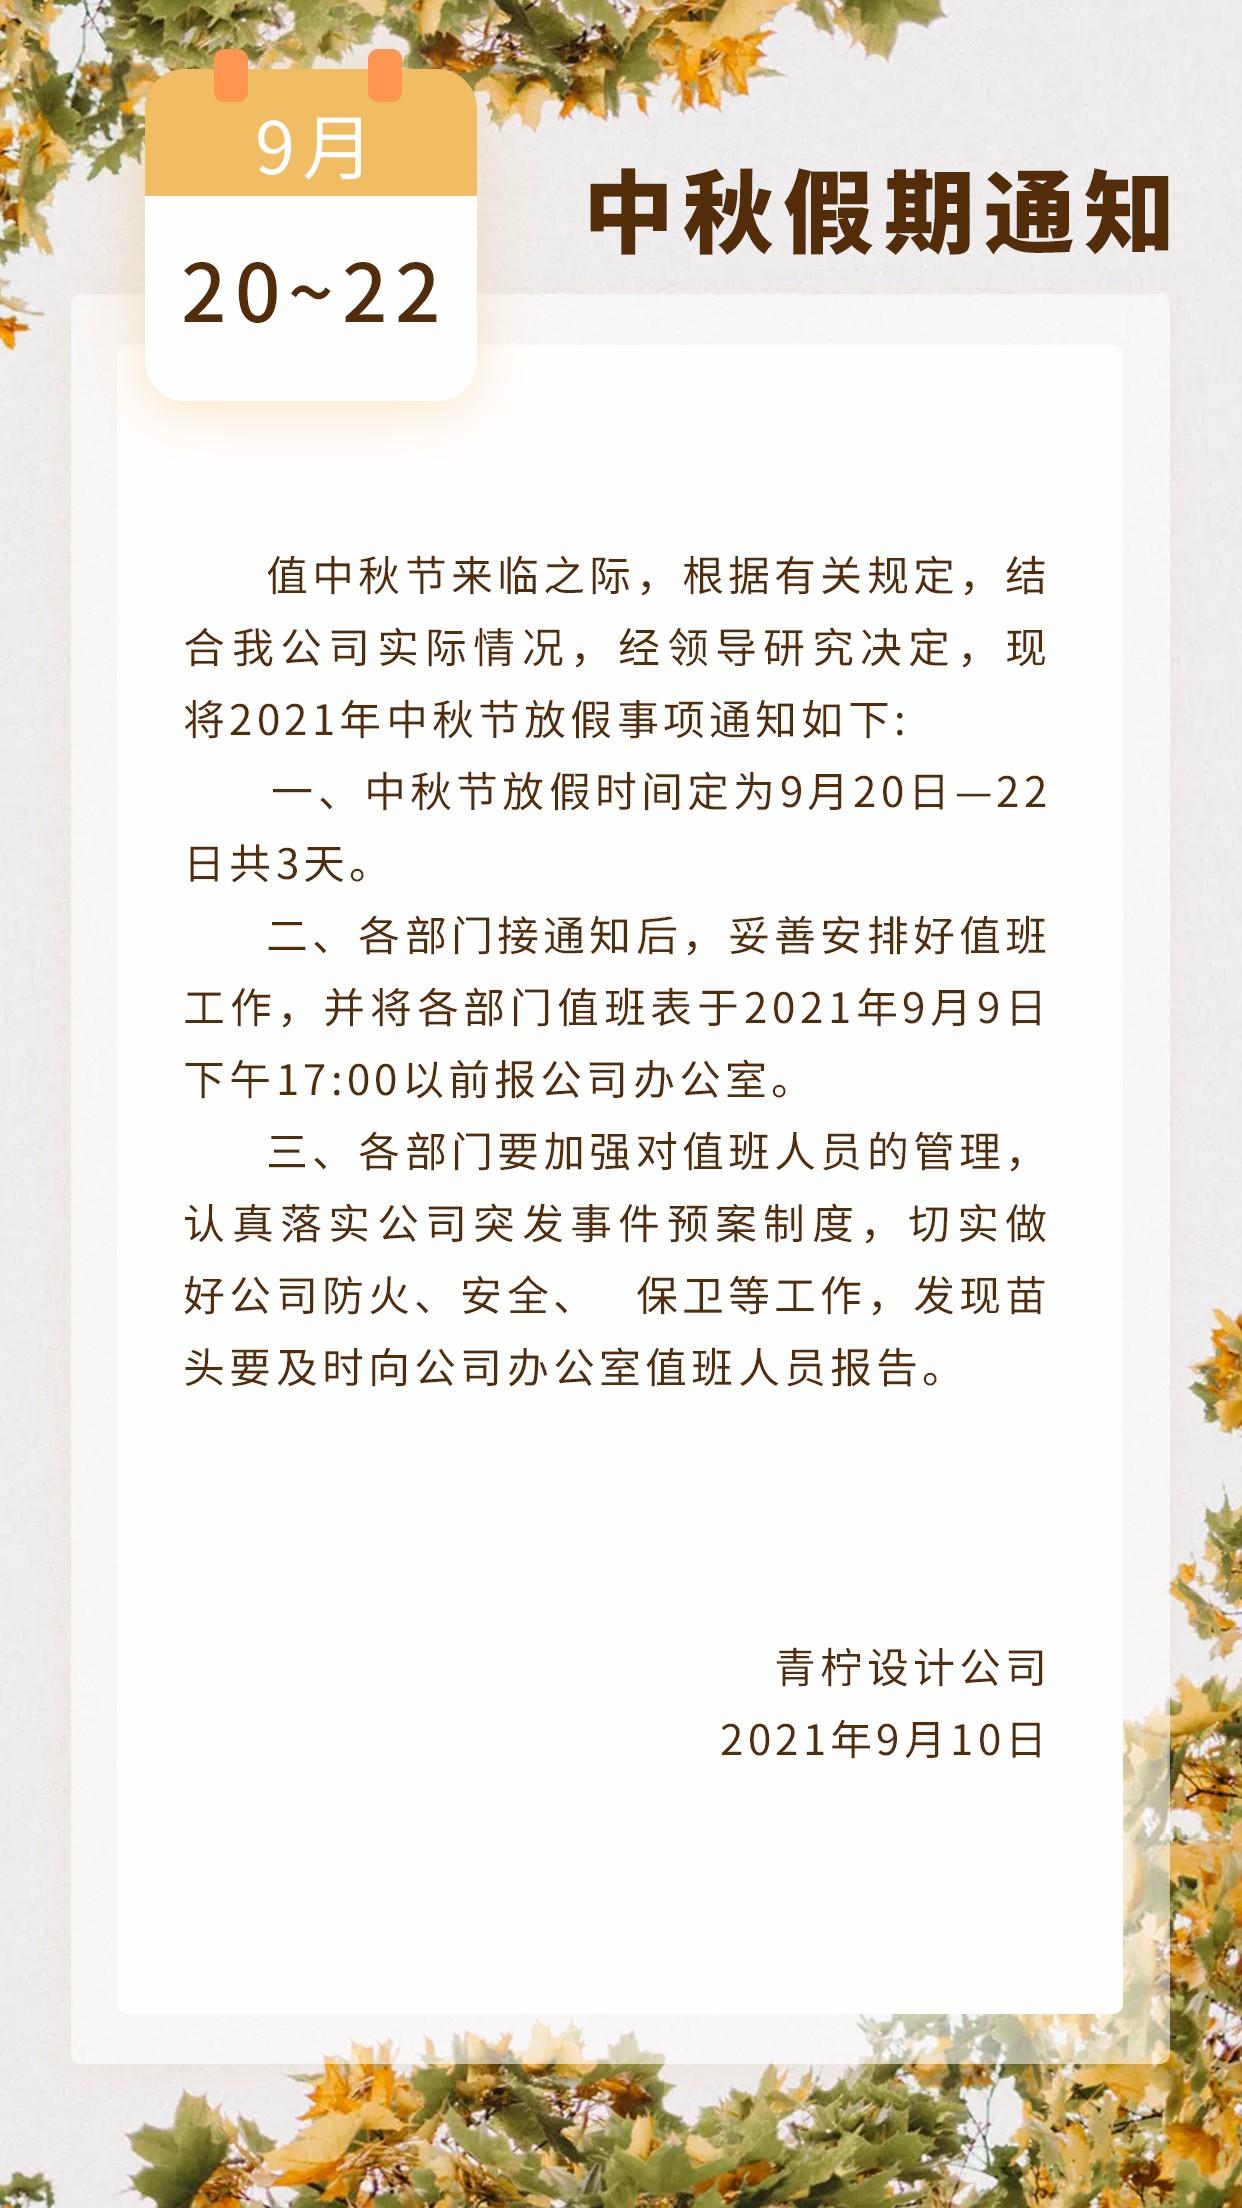 小清新企业商务放假通知公告